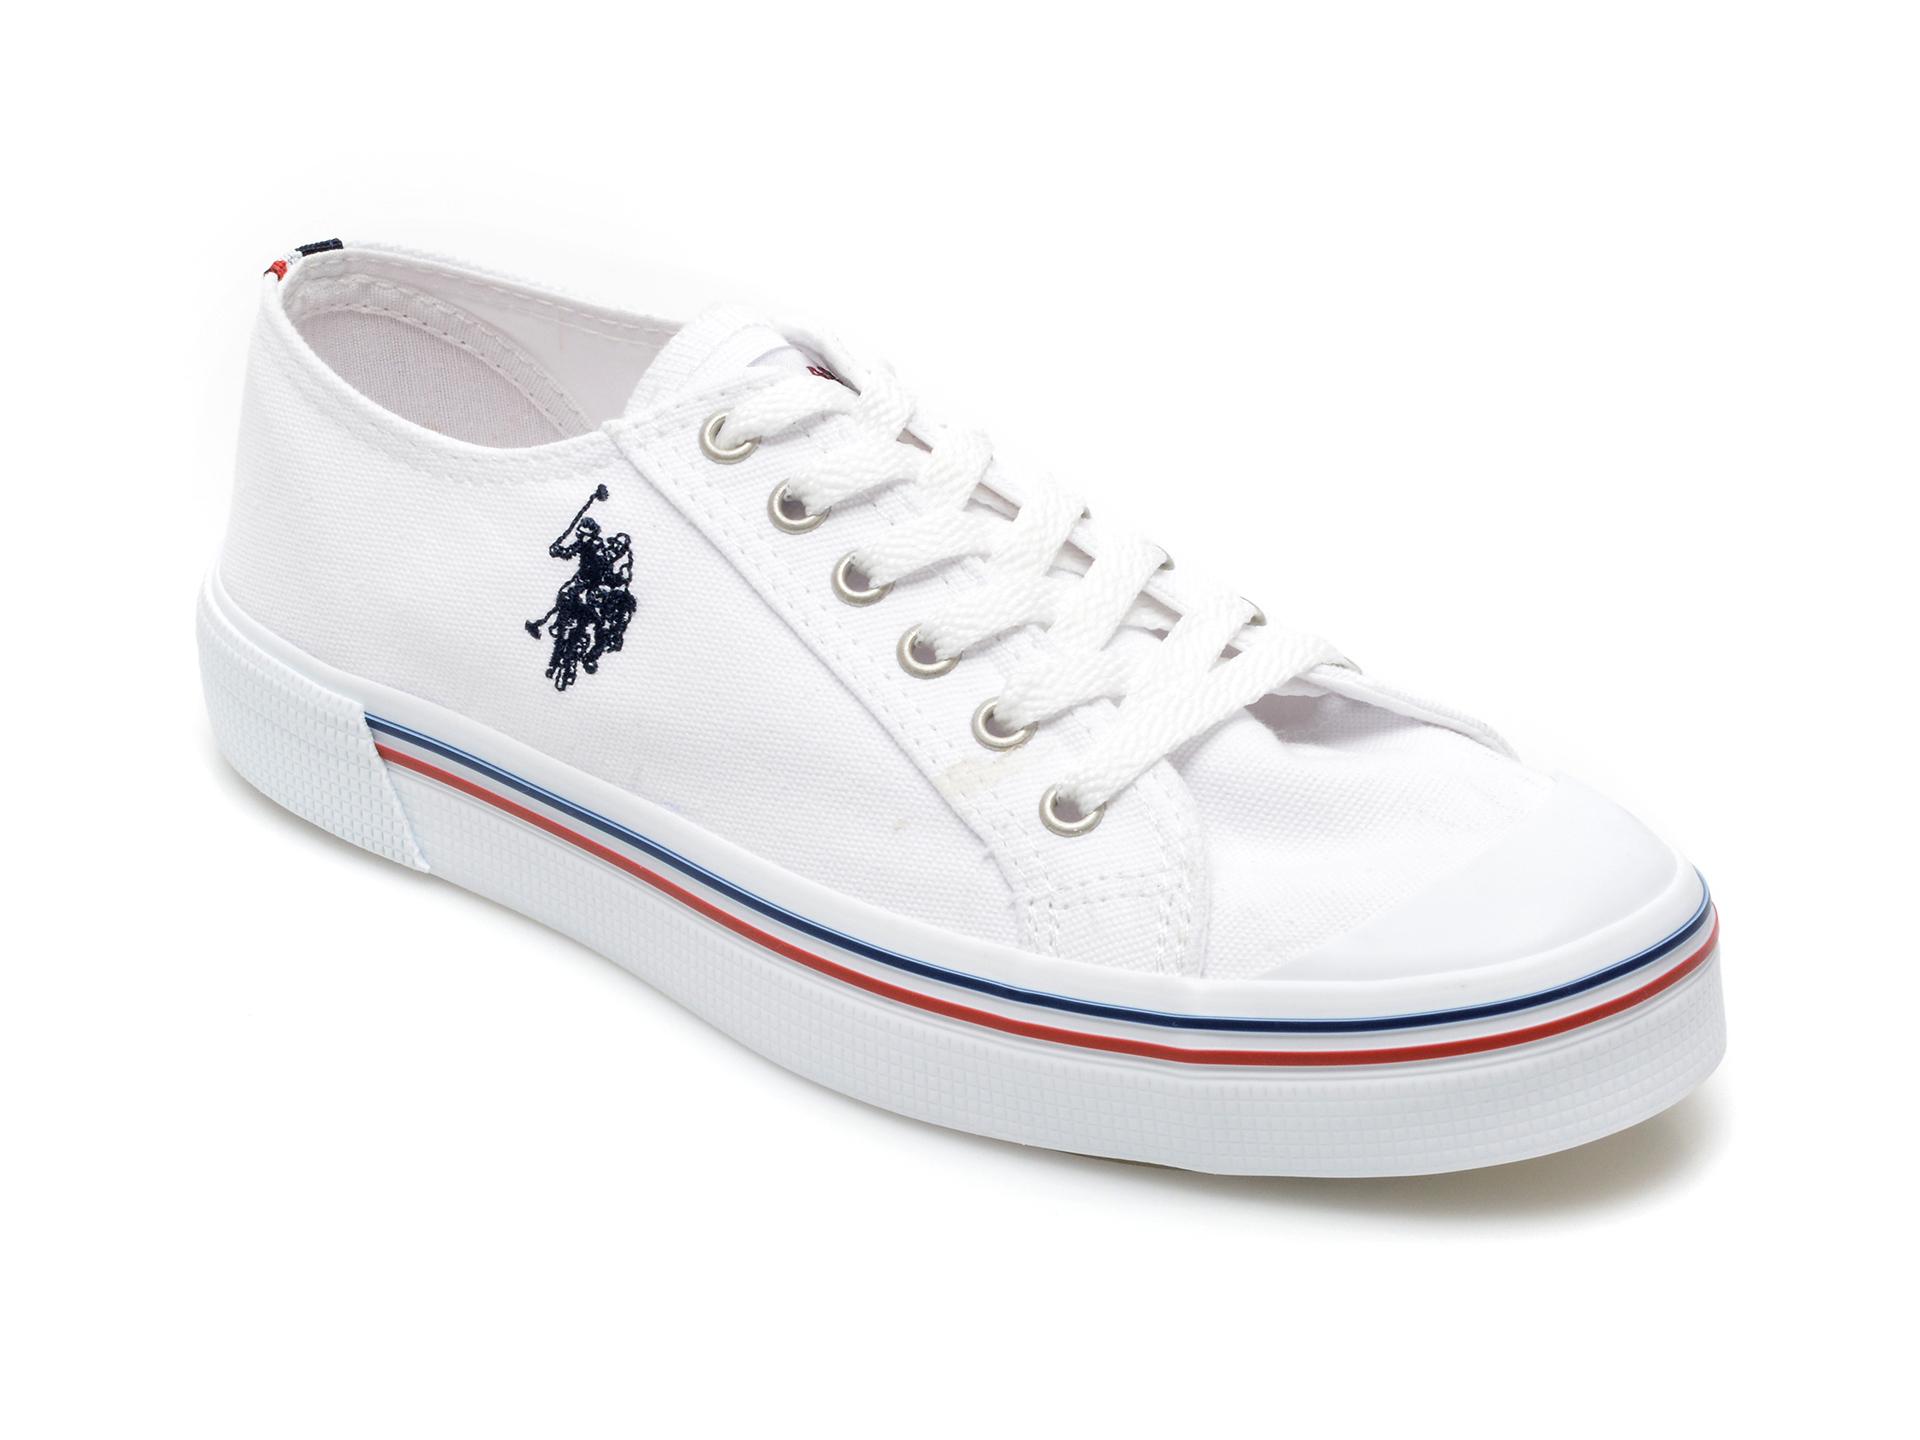 Pantofi sport US POLO ASSN albi, PENE1FX, din material textil imagine otter.ro 2021